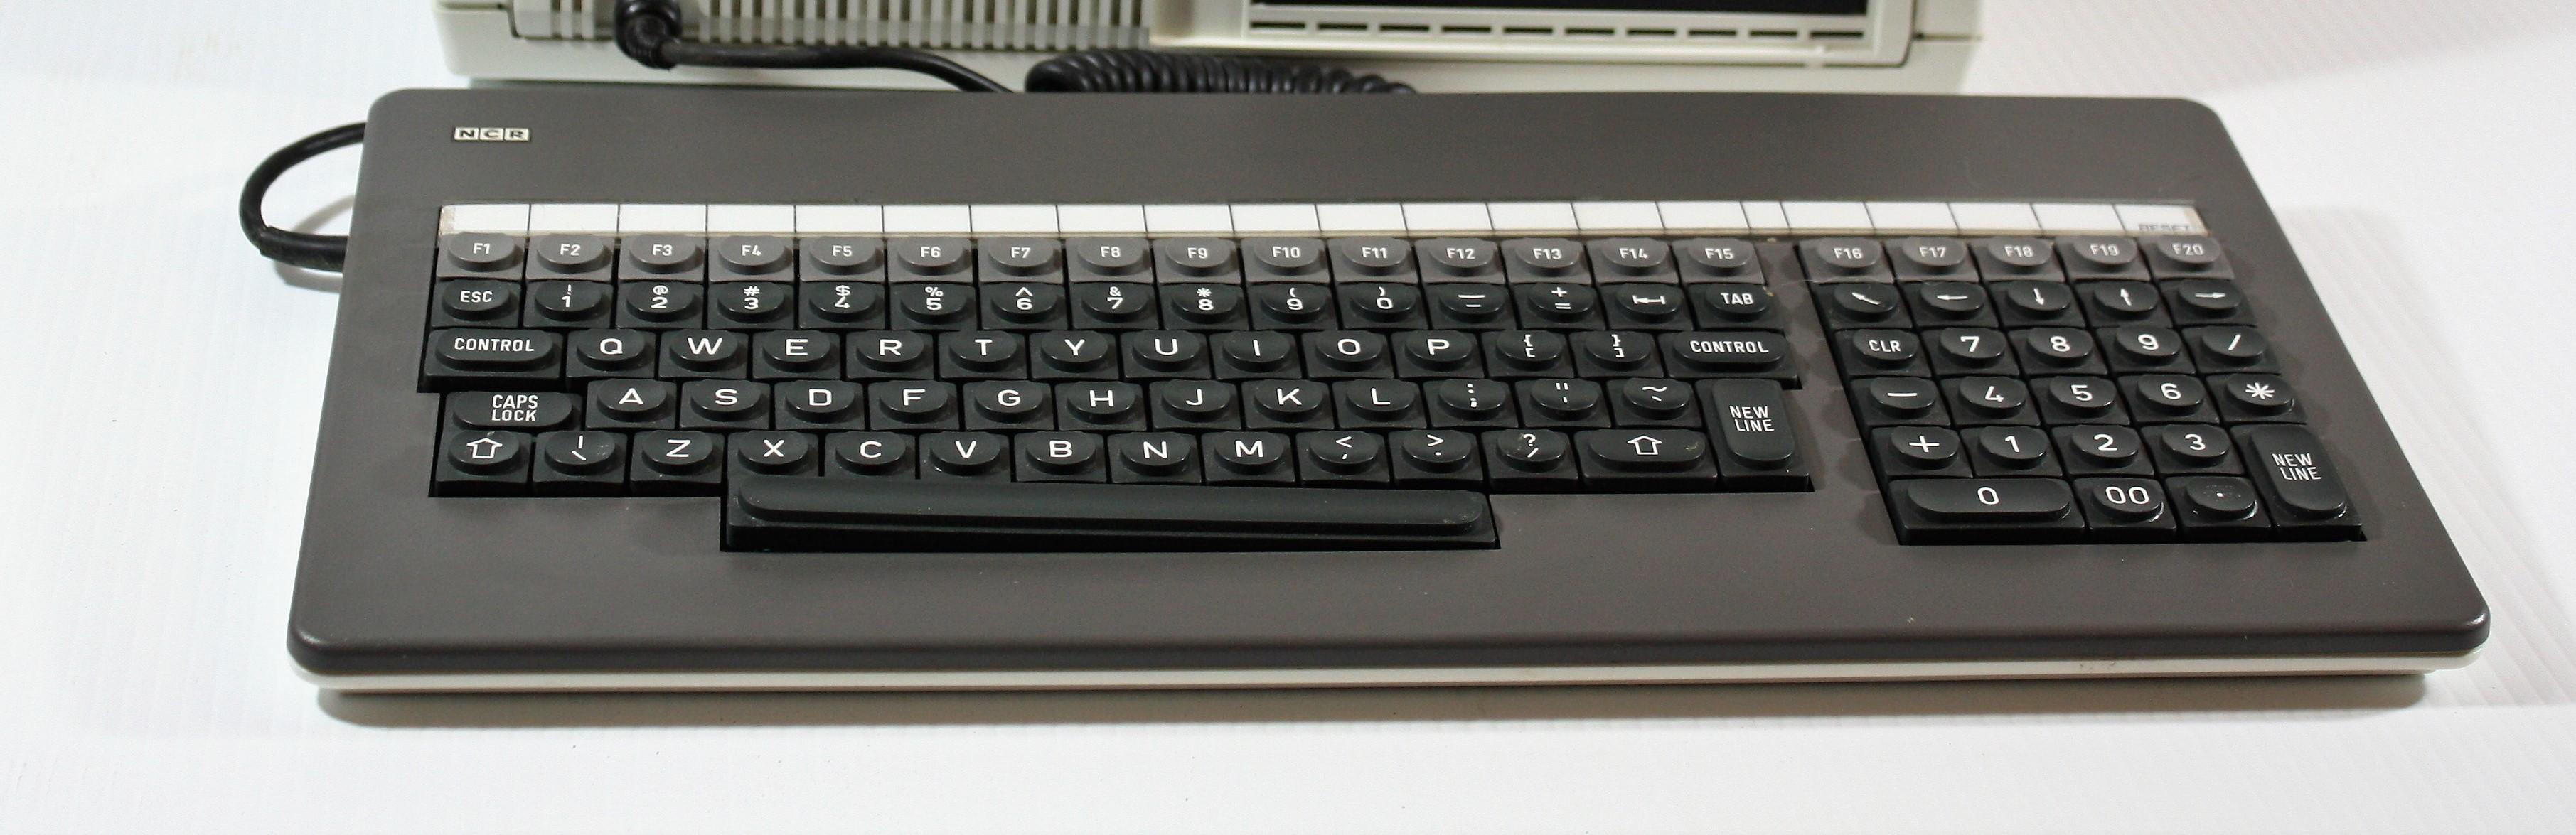 NCR keyboard.JPG